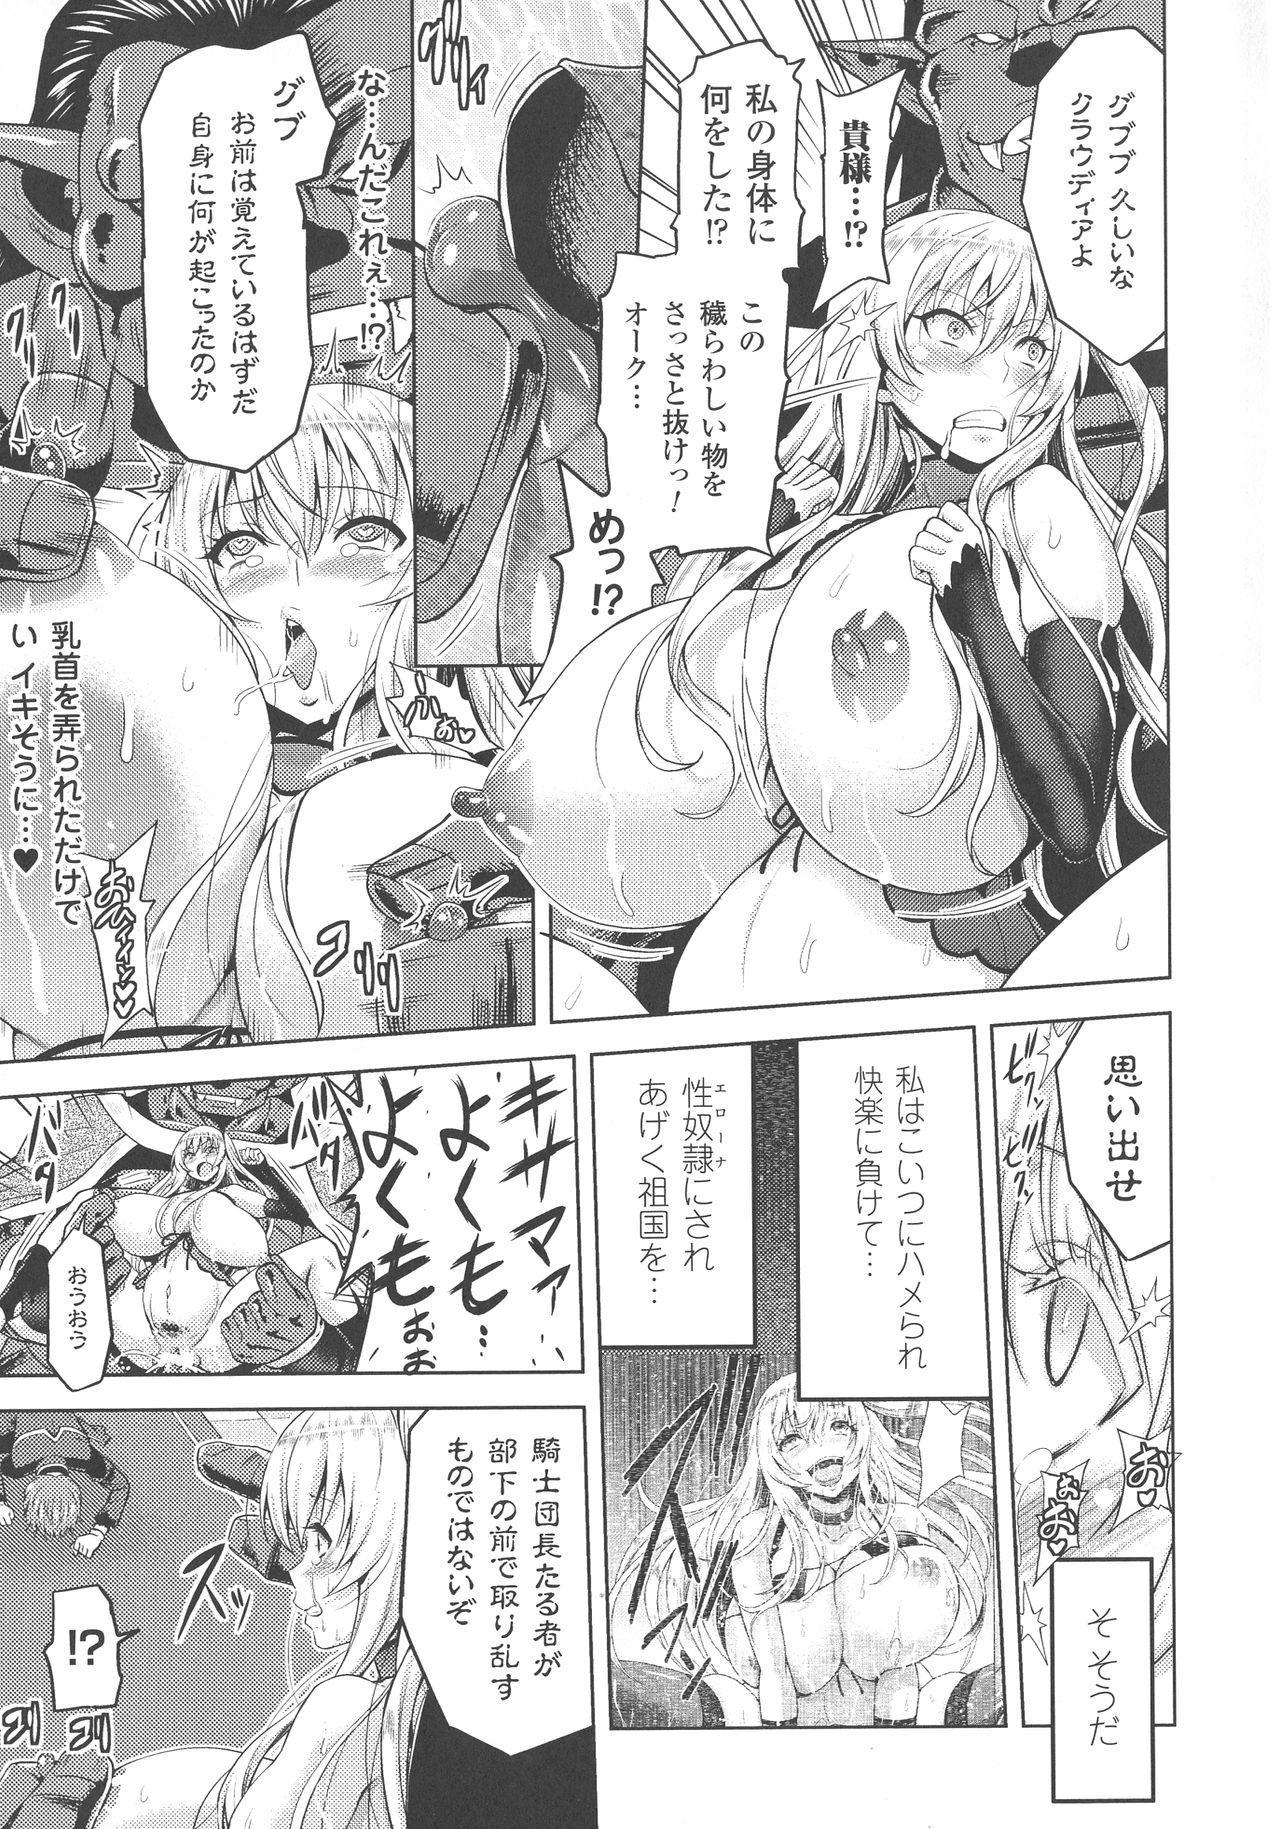 ERONA Orc no Inmon ni Okasareta Onna Kishi no Matsuro 112